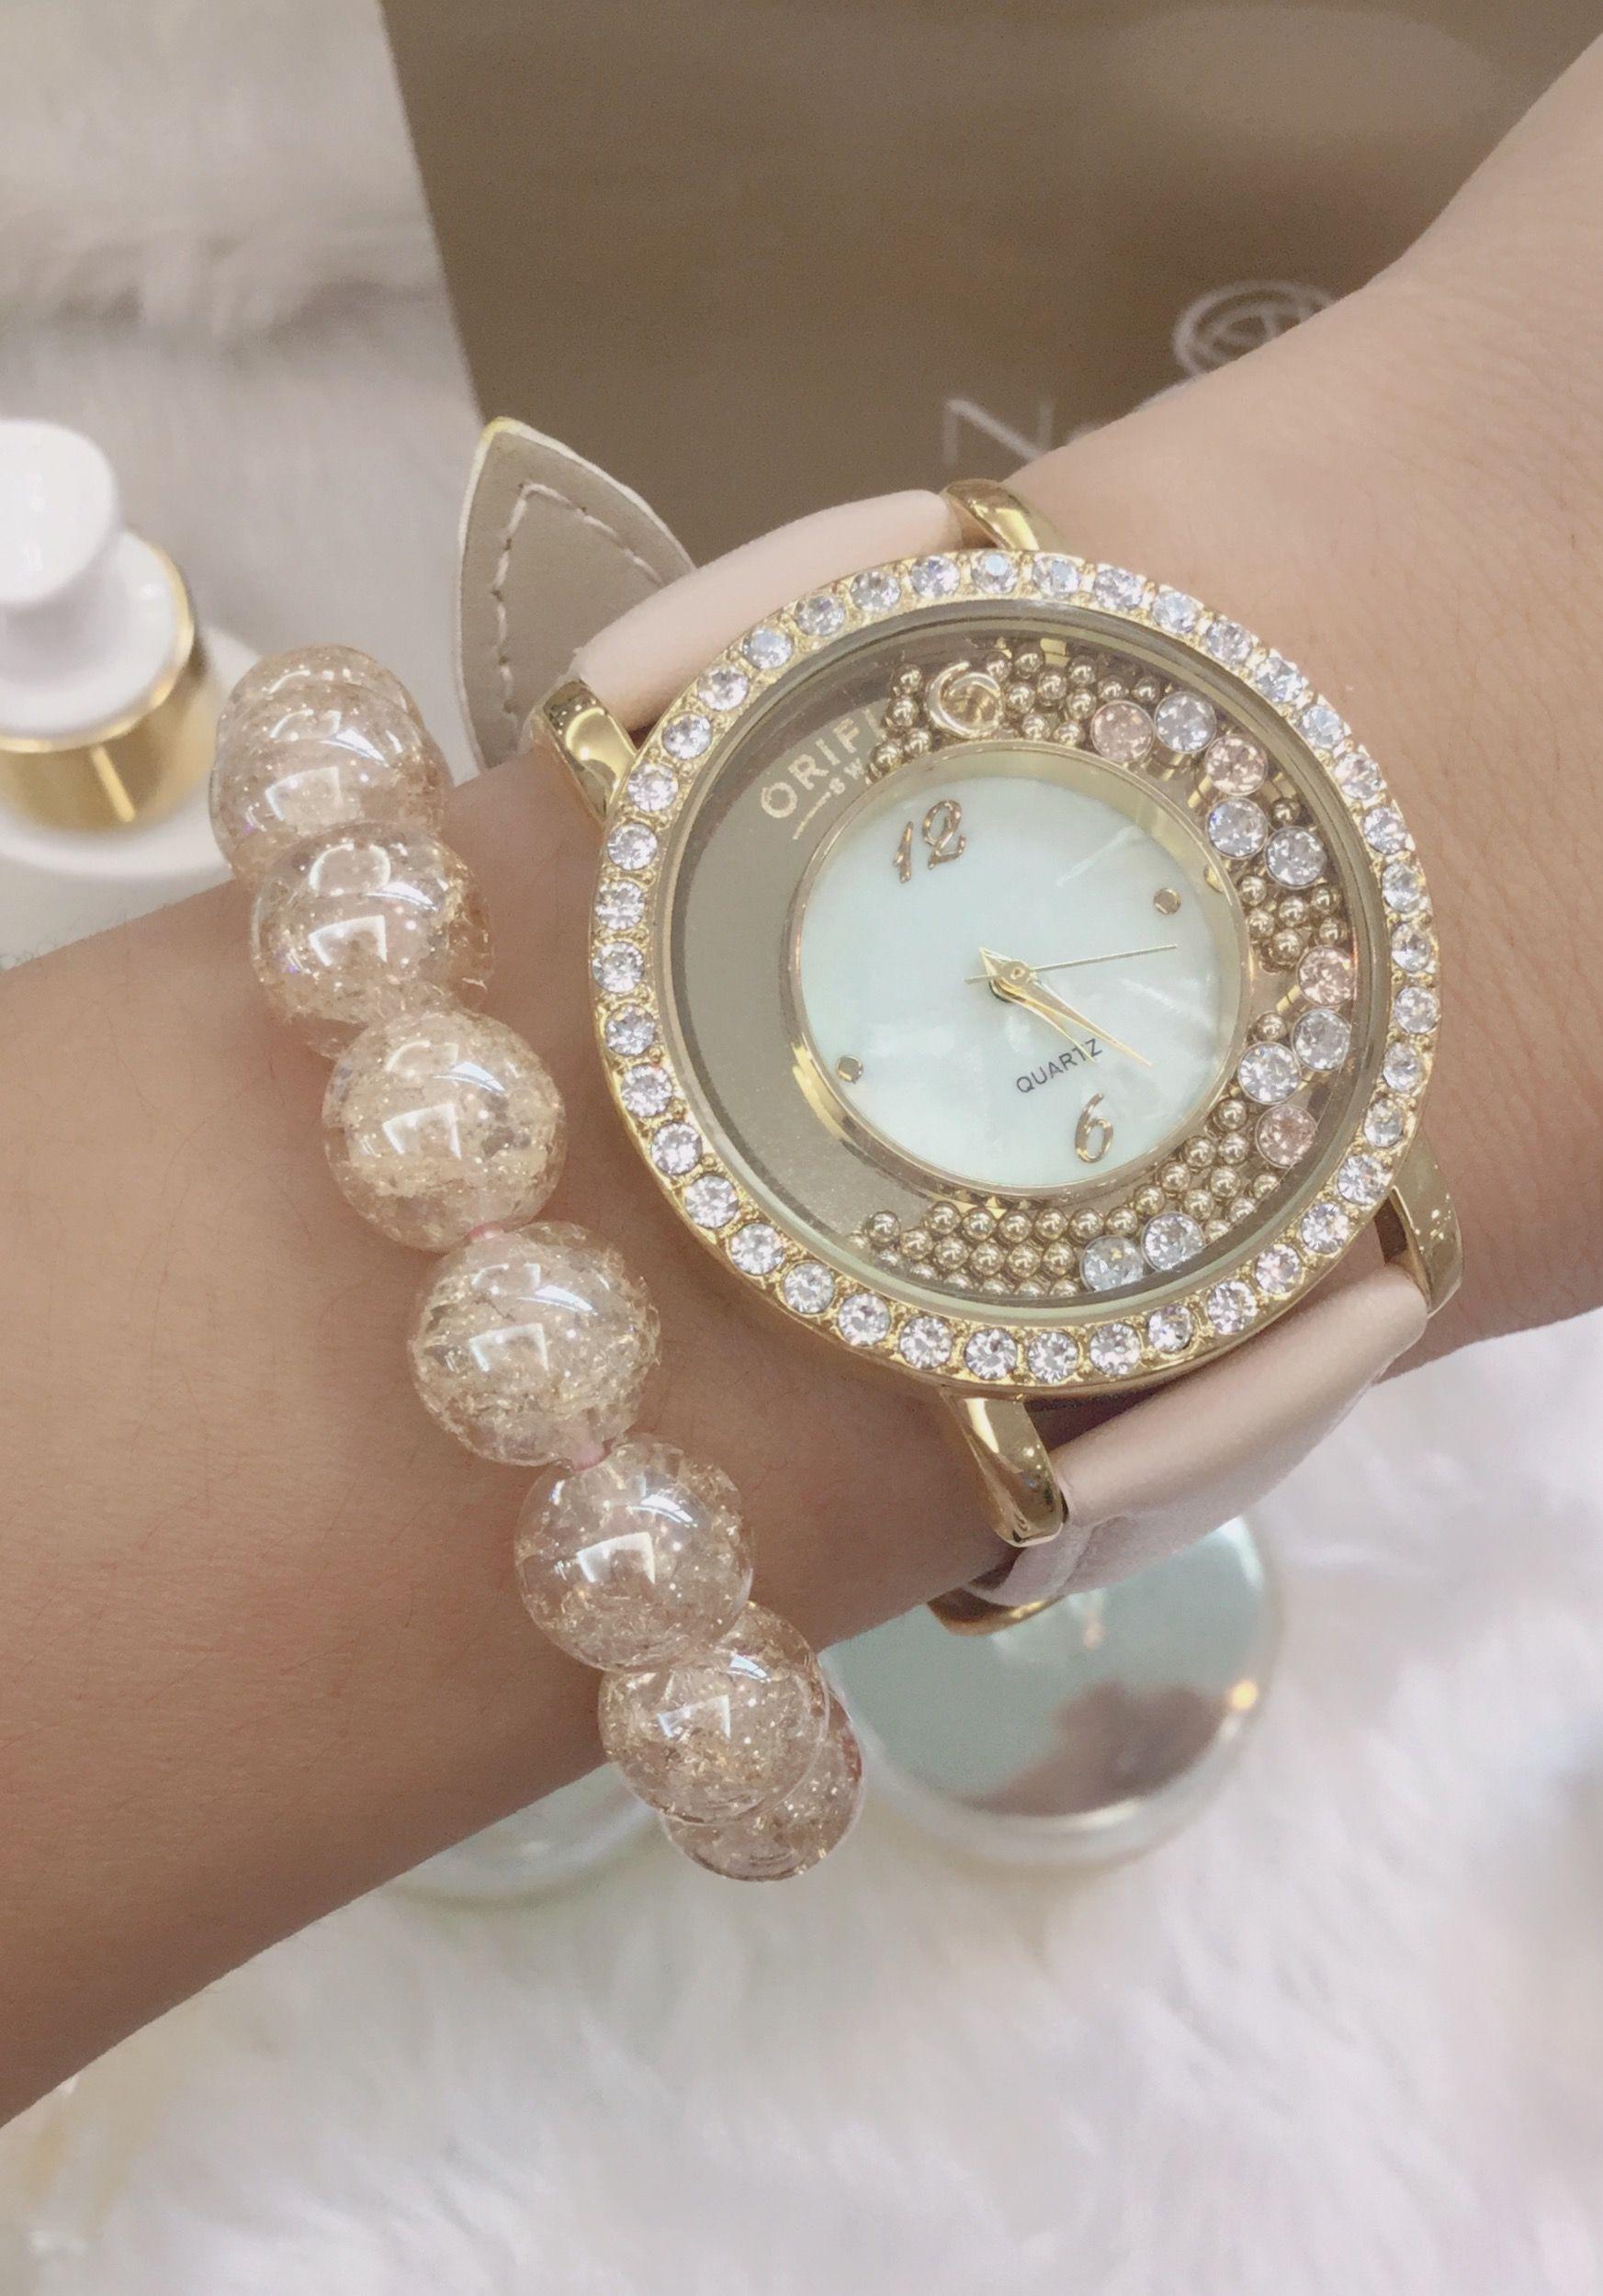 นาฬิกา สวยๆจาก ออริเฟลม สวยถูกใจมากค่ะ